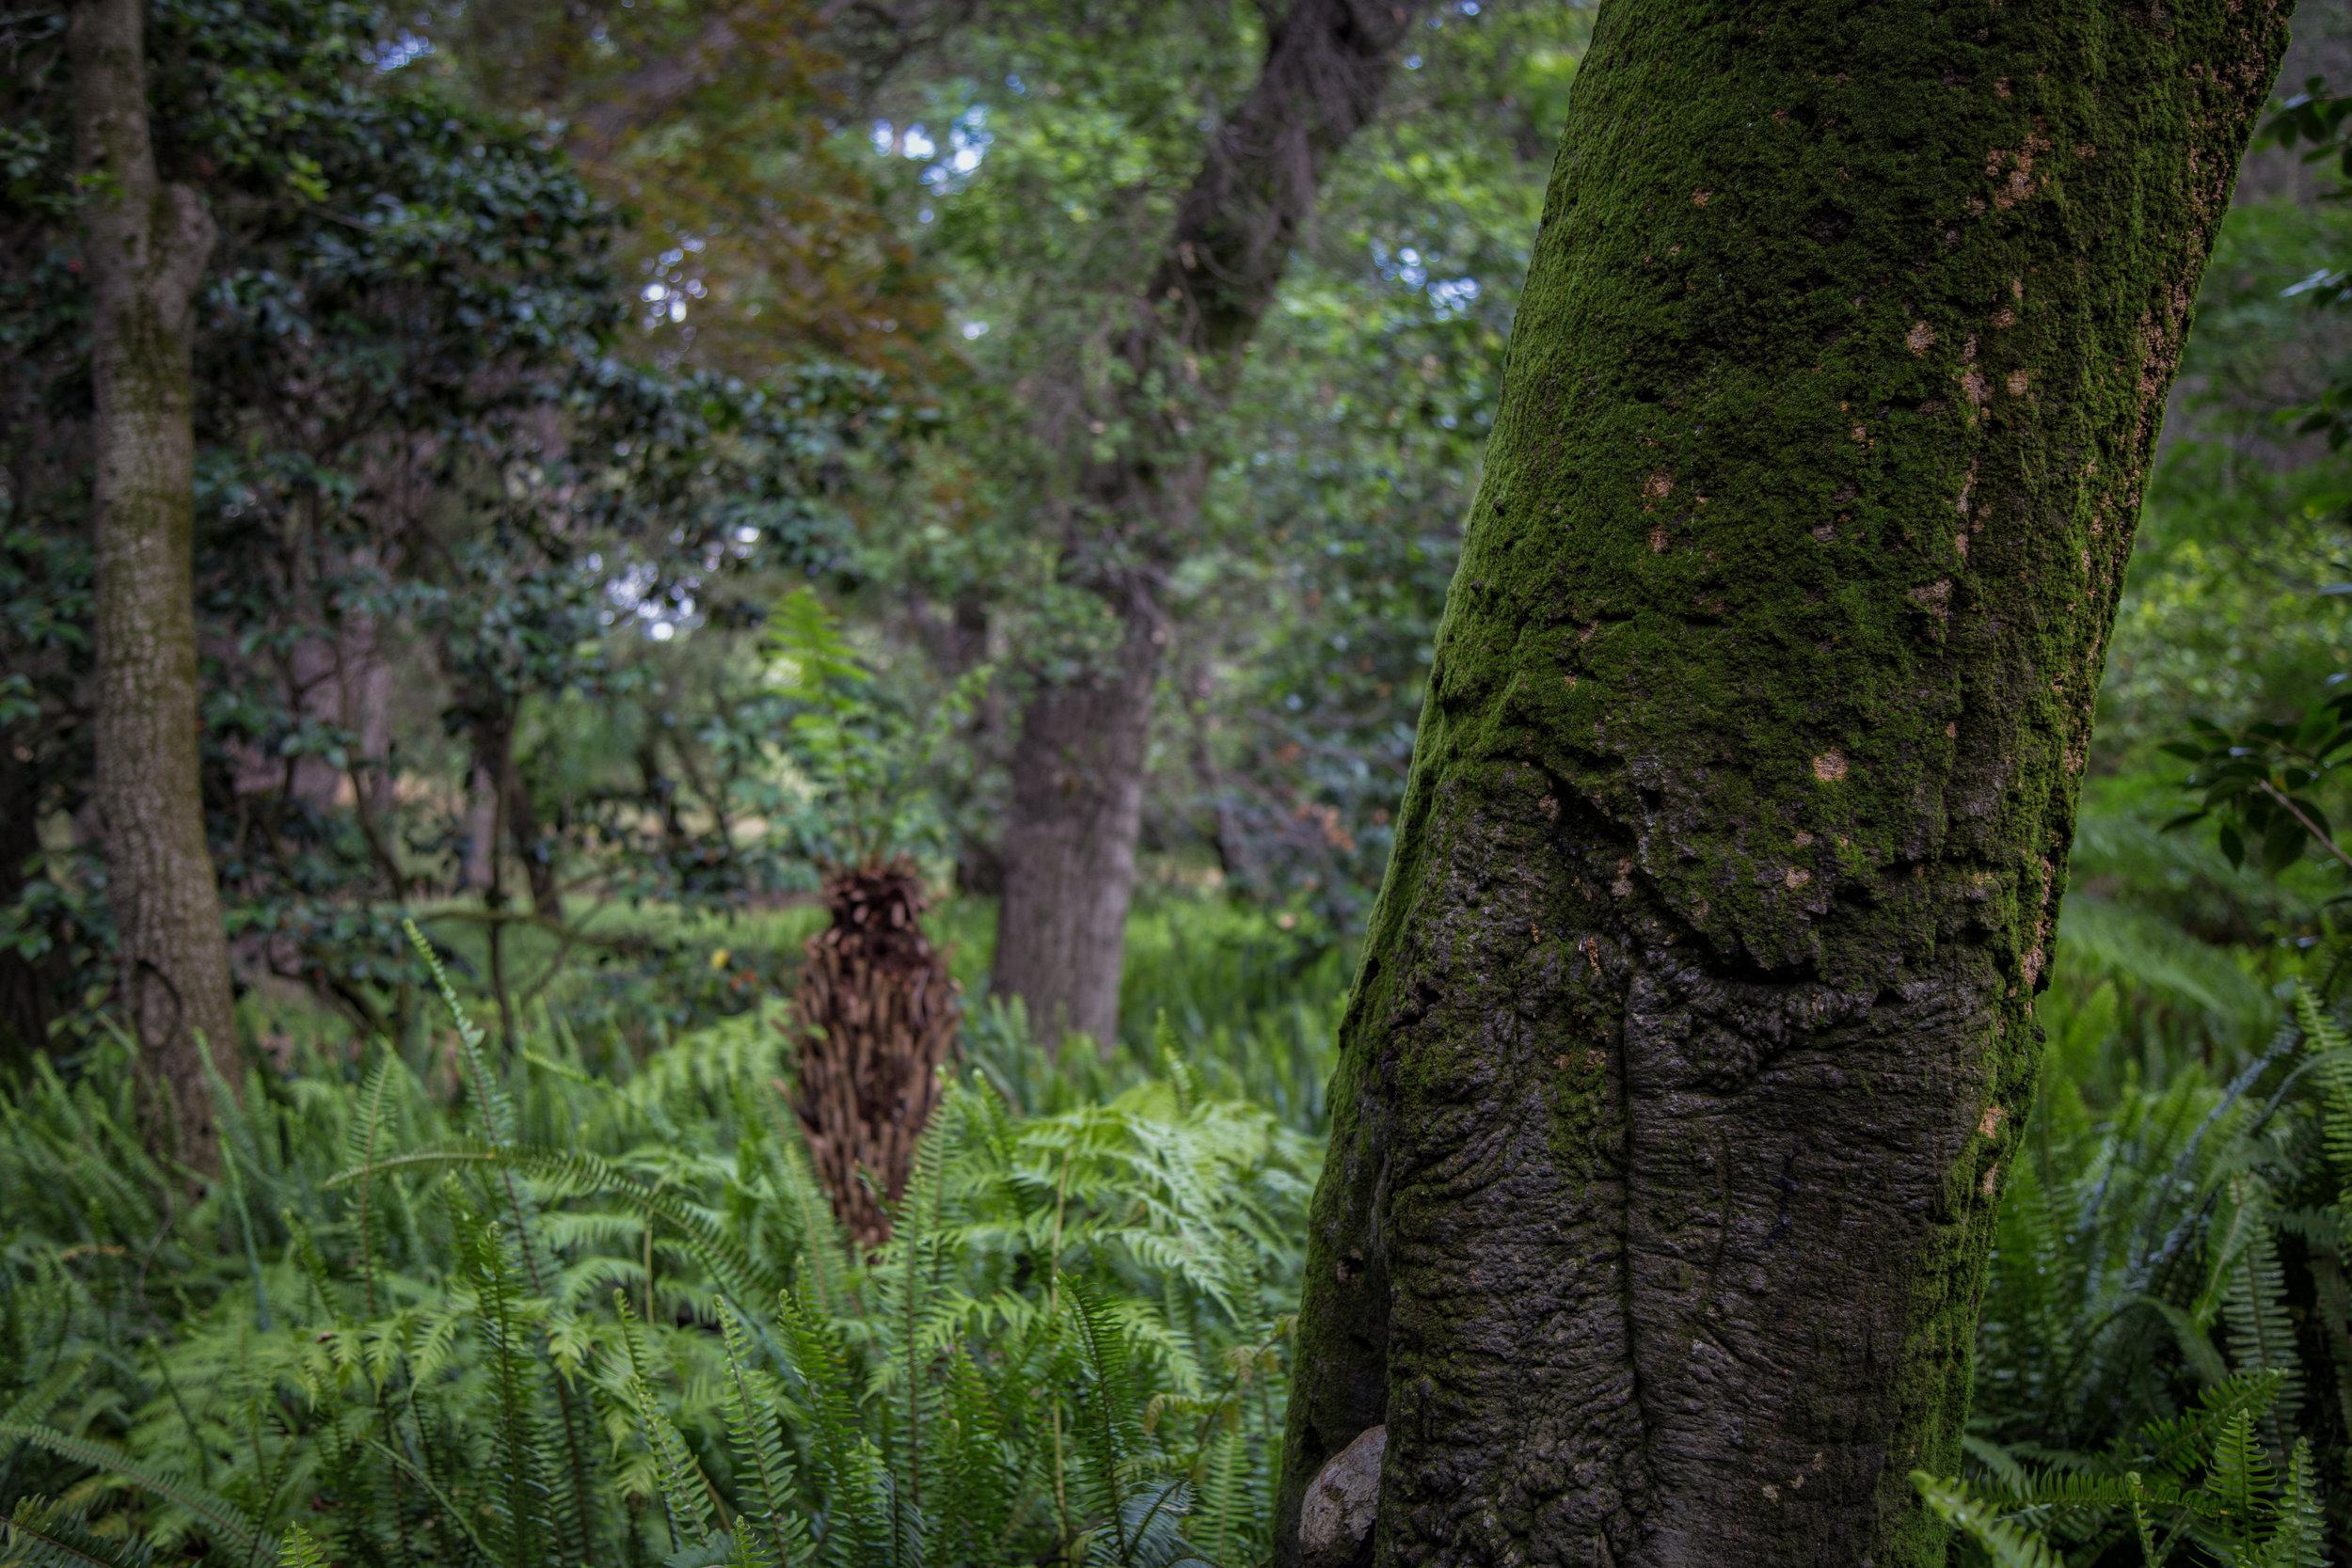 Moss, oak, fern